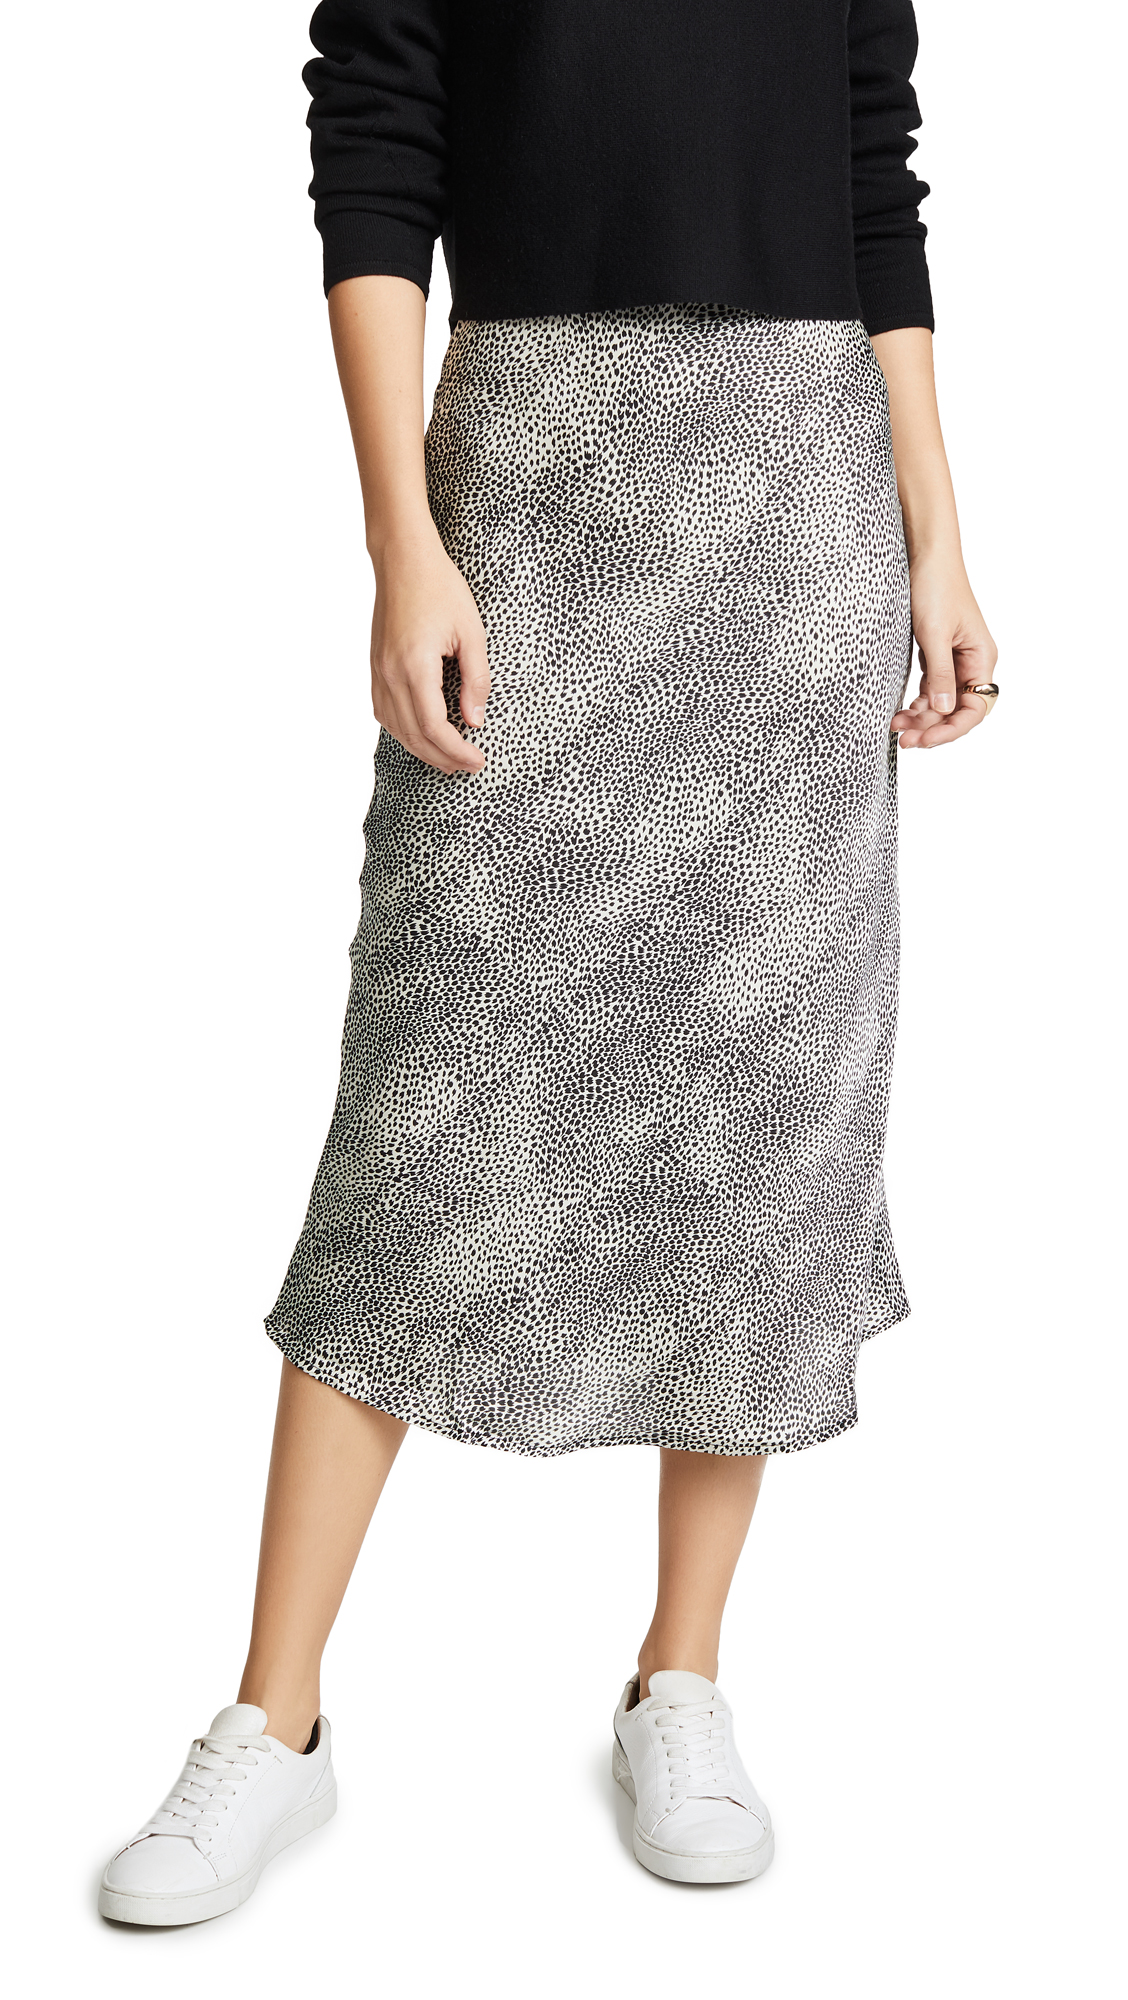 RE:NAMED Re: Named Leopard Midi Skirt in White/Black